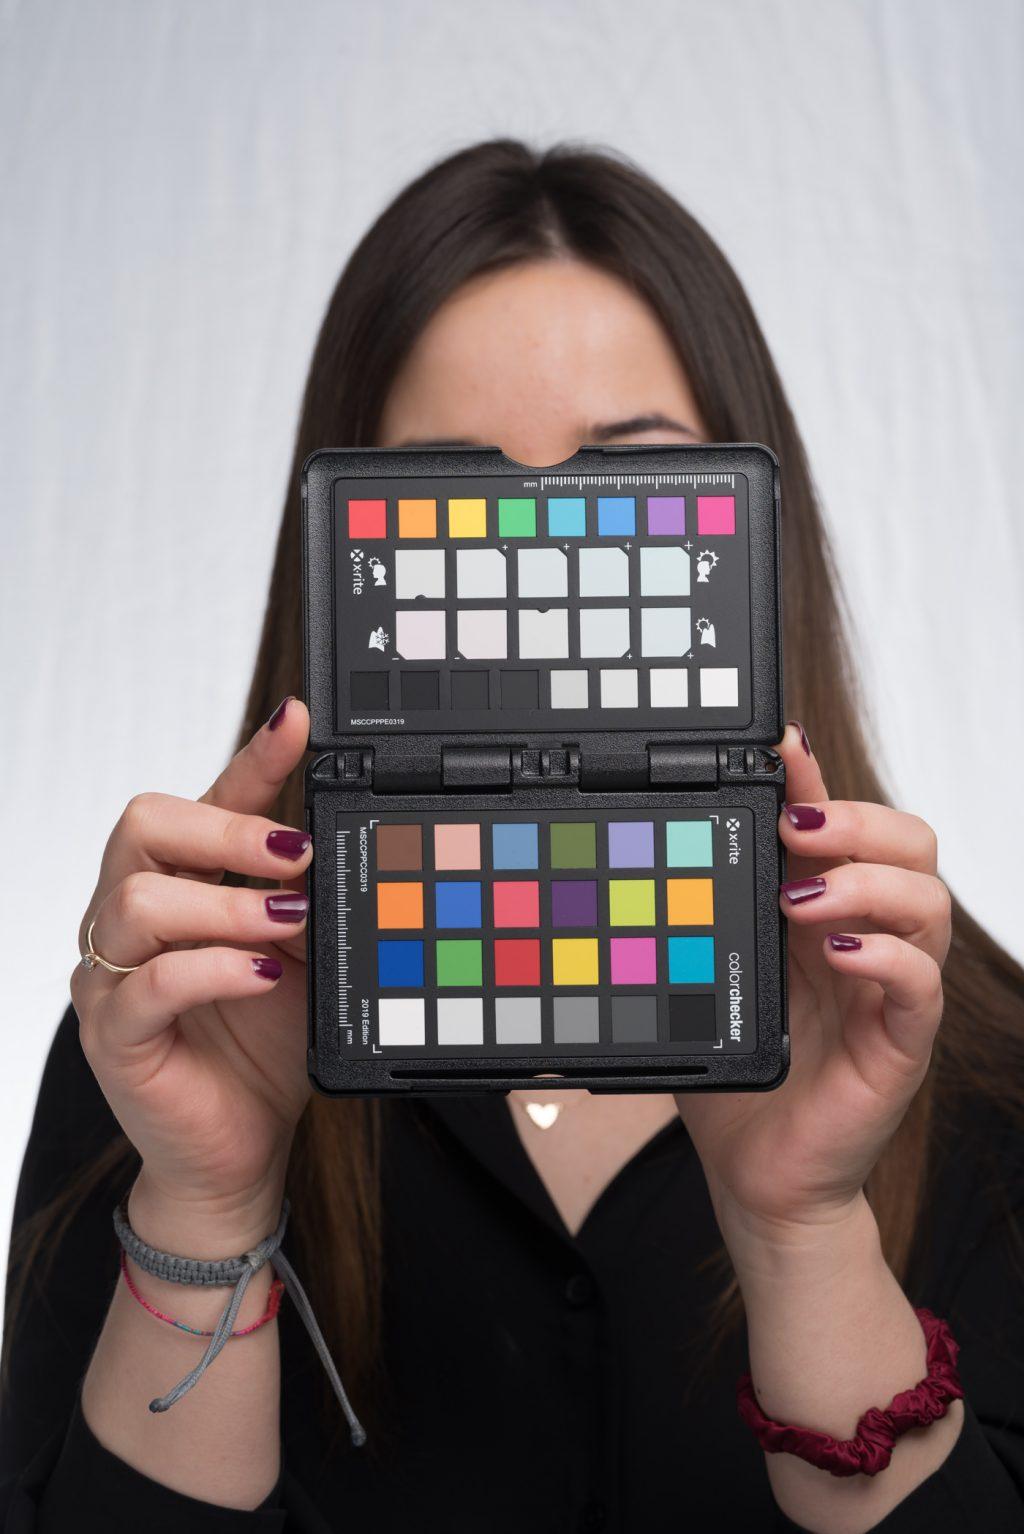 Zdjęcie z próbnikiem ColorChecker Passport 2 z profilem Adobe Standard